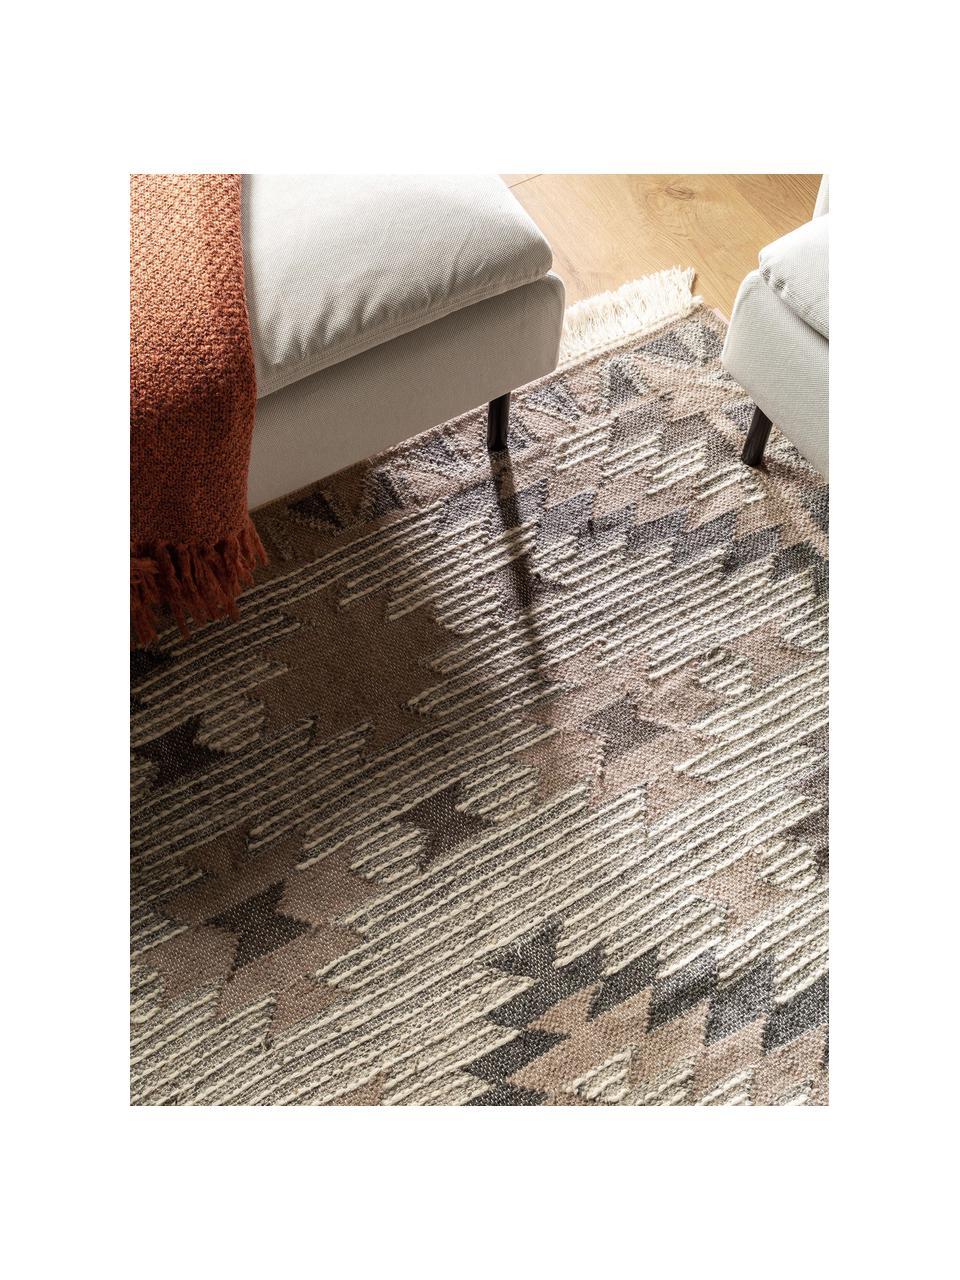 Handgewebter Wollteppich Cari mit Ethno-Muster, 70% Wolle, 30% Polyester, Grau, B 80 x L 150 cm (Größe XS)